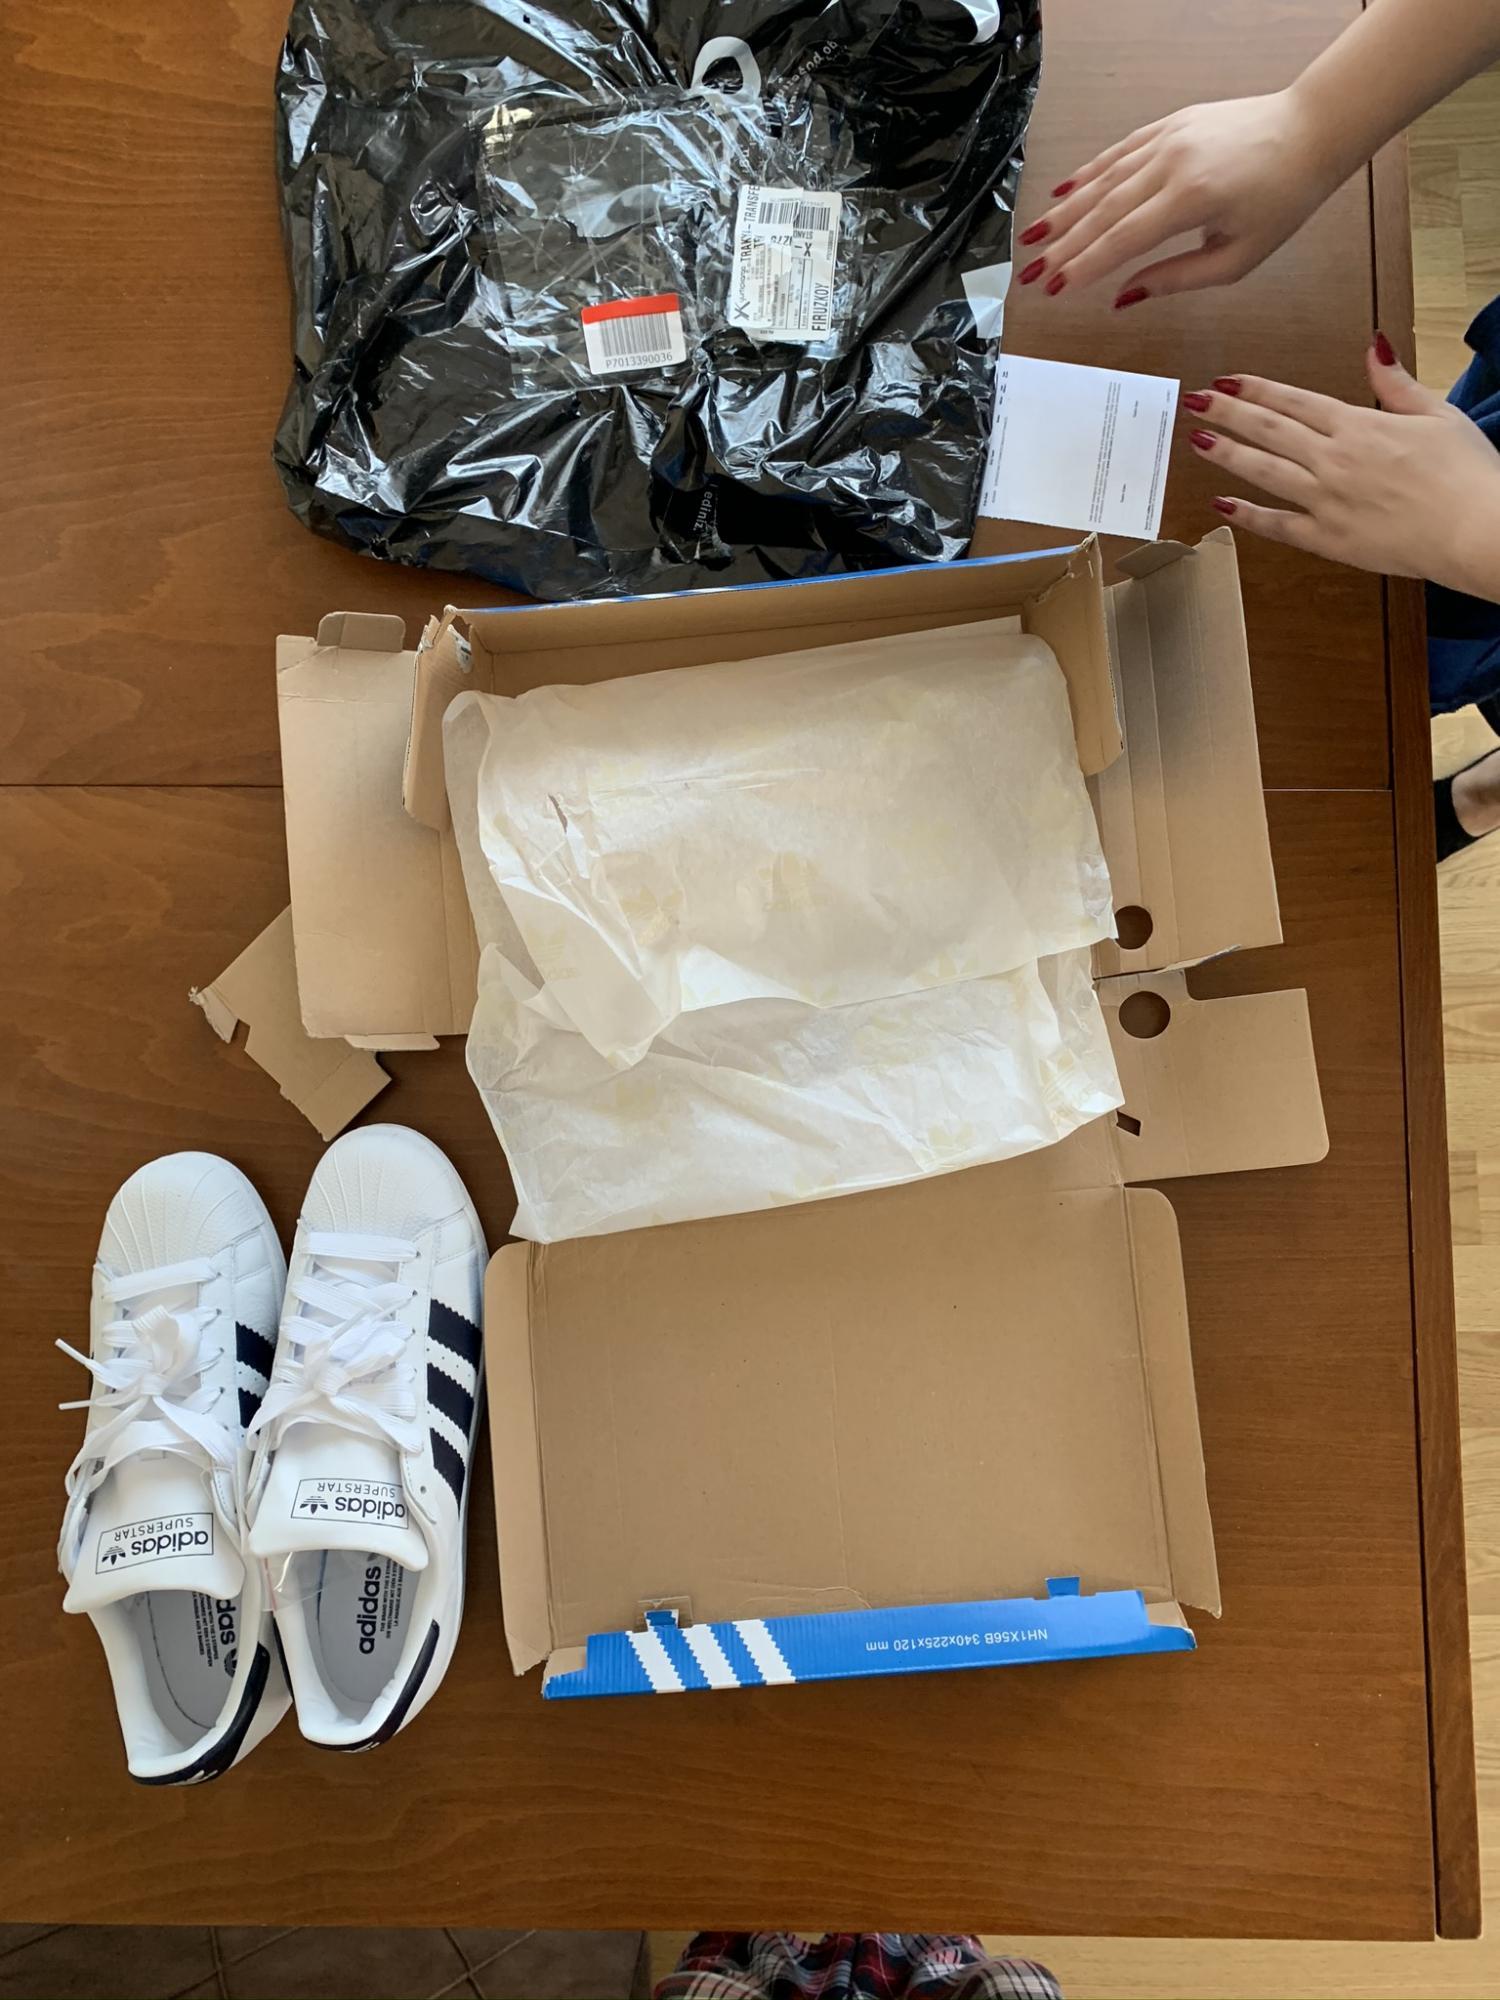 adidas Ayakkabı ve Hediye Şikayetleri - Şikayetvar